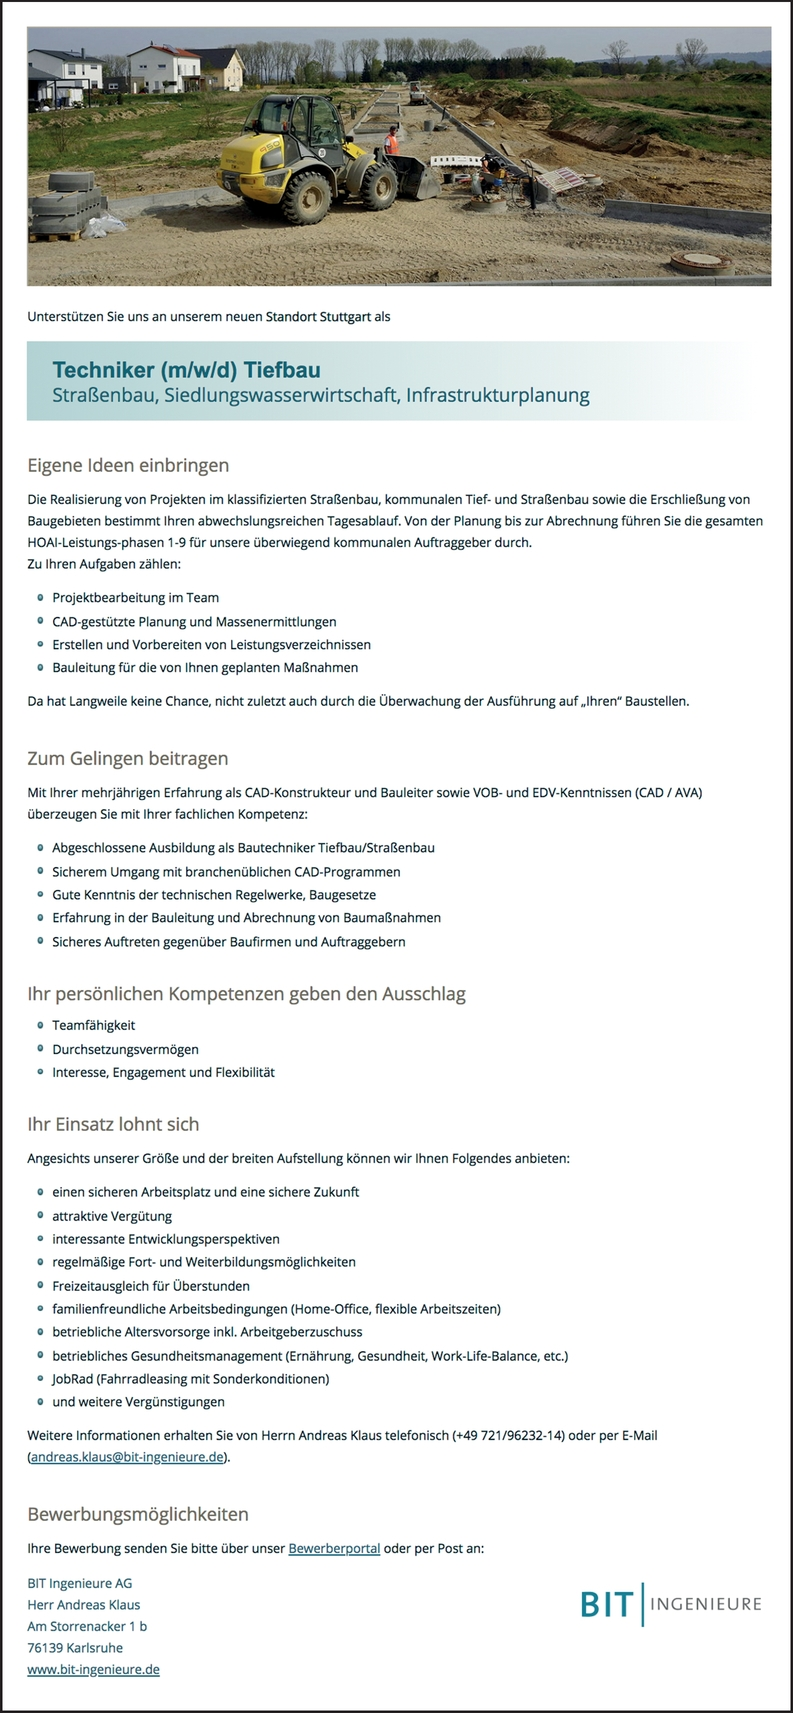 Techniker (m/w/d) Tiefbau Straßenbau, Siedlungswasserwirtschaft, Infrastrukturplanung